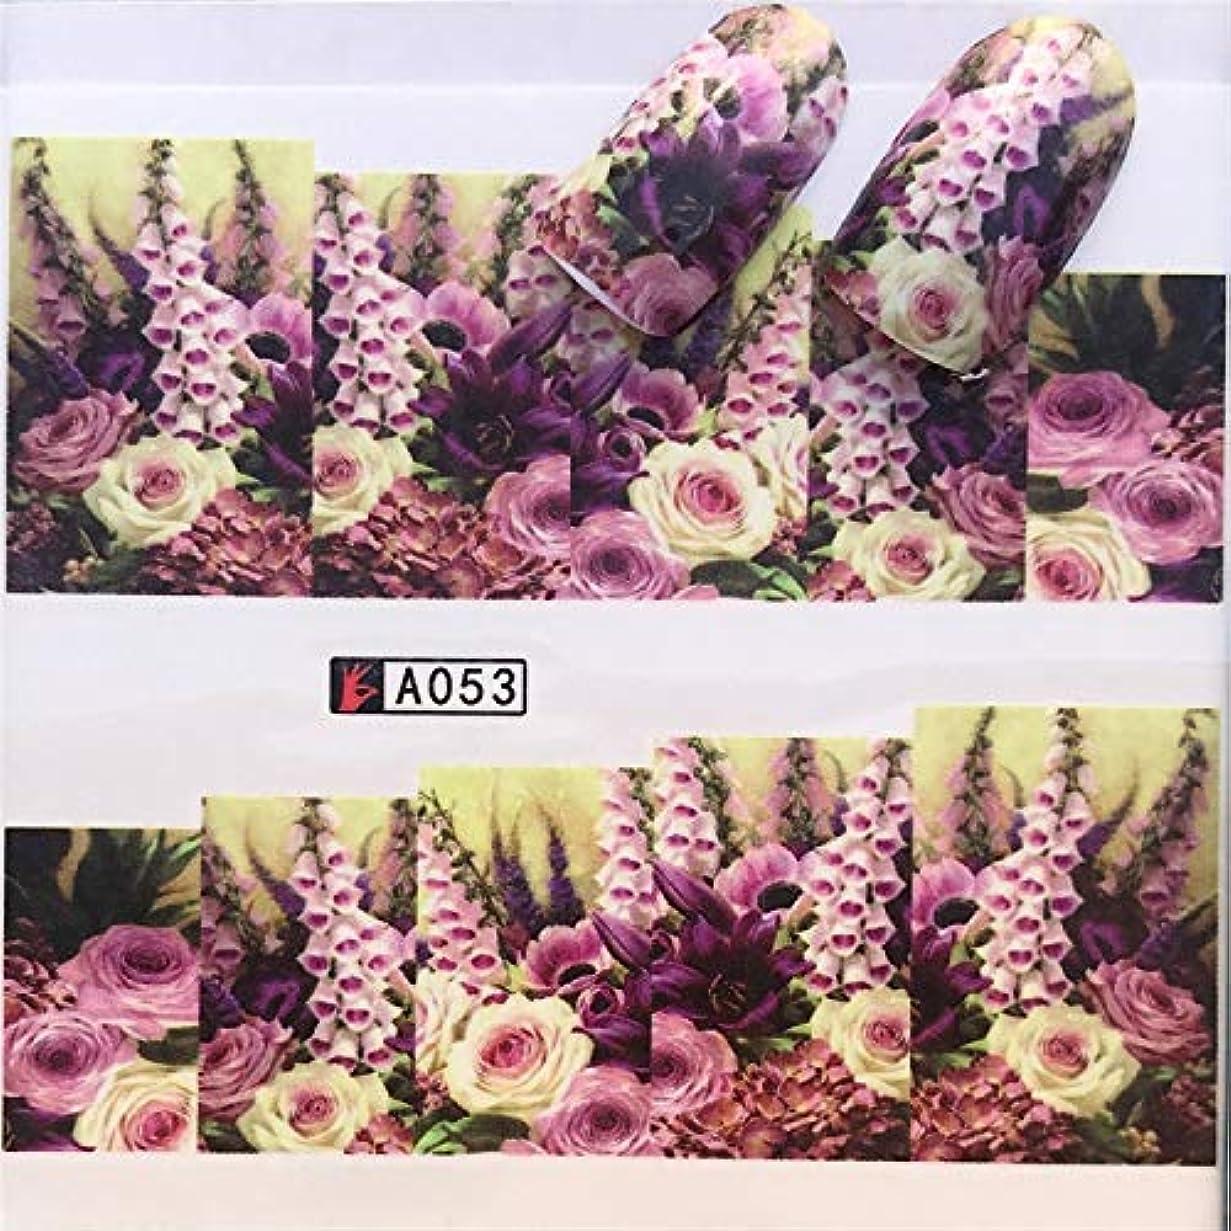 手足ビューティーケア 3個ネイルステッカーセットデカール水転写スライダーネイルアートデコレーション、色:YZWA053